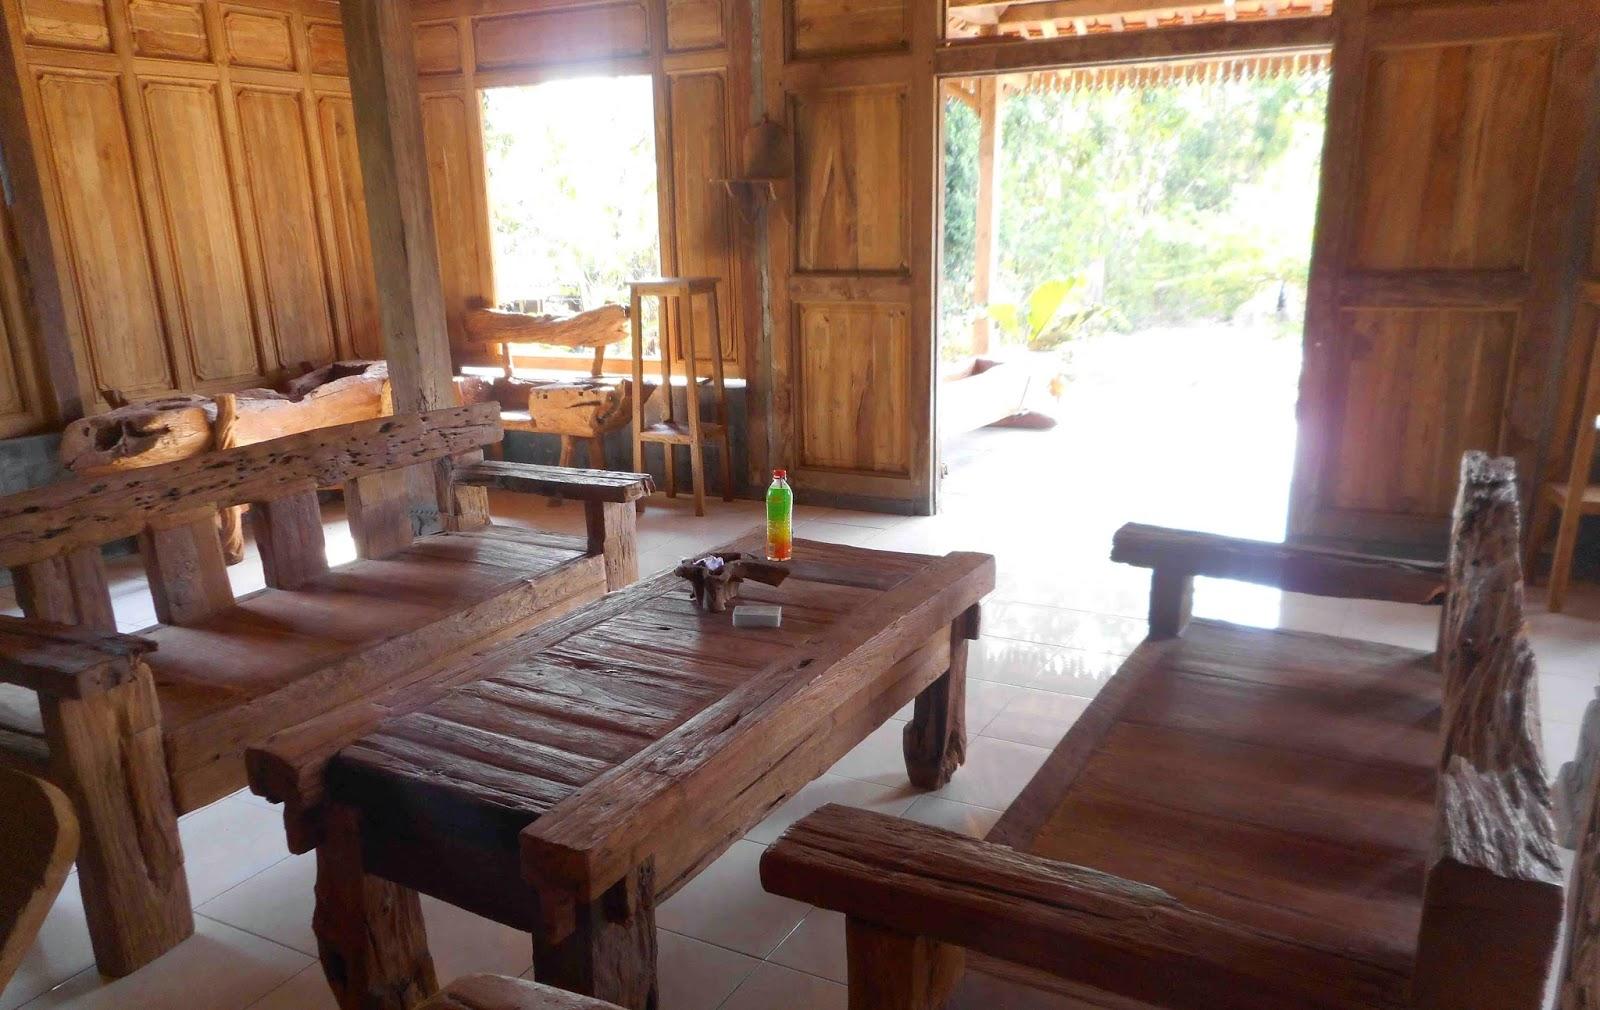 Meja%2Bkursi. image number 99 of desain rumah kayu limasan ... & Desain Rumah Kayu Limasan \u0026 Meja%2Bkursi